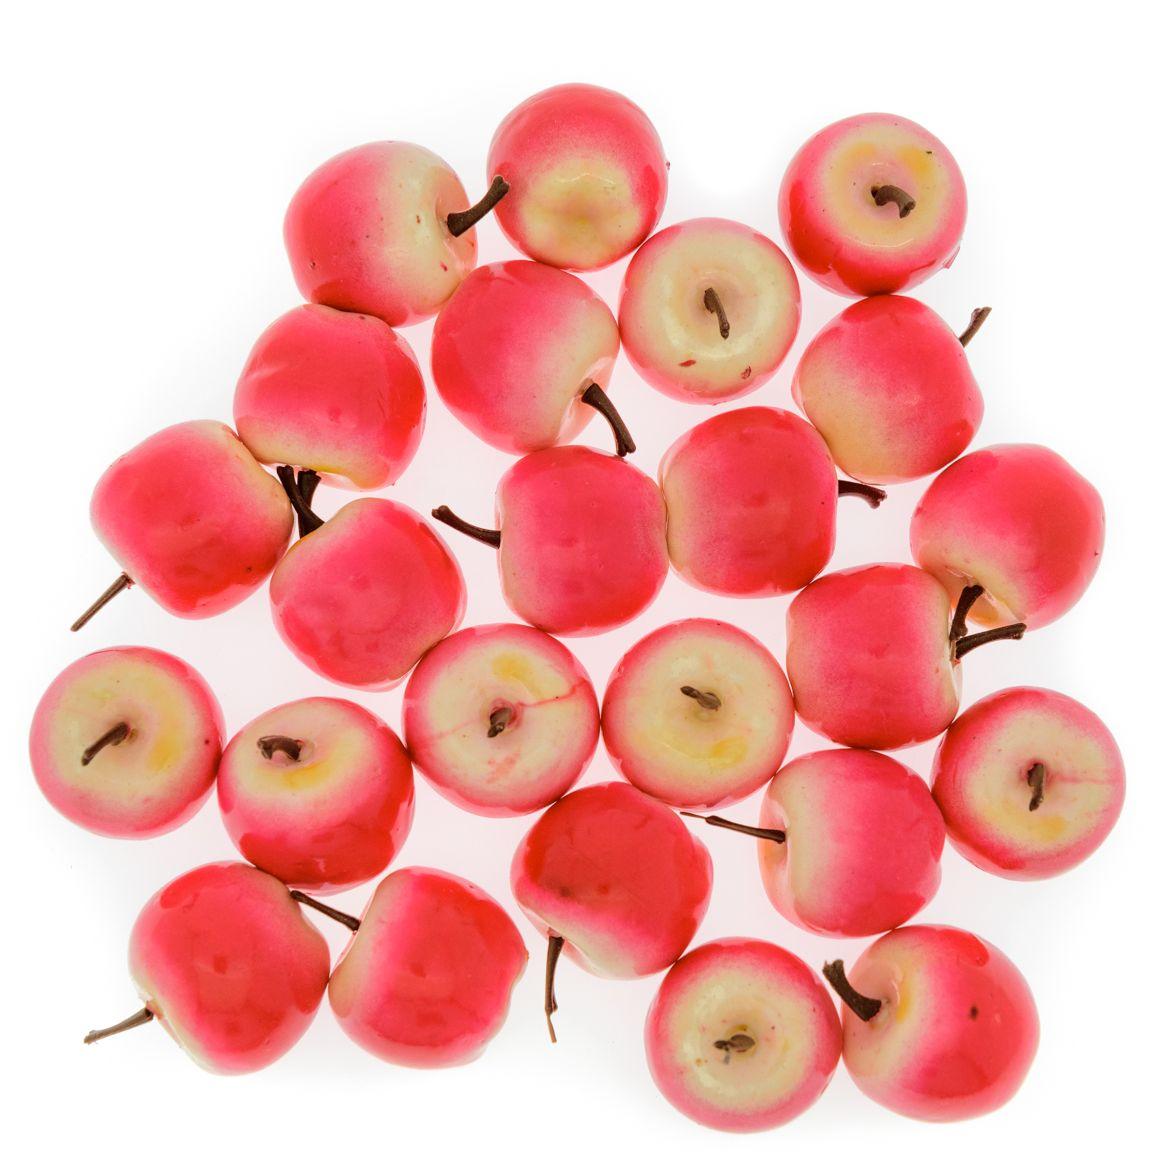 Анданте Счетный материал Яблочки цвет розовый, желтый 24 элемента